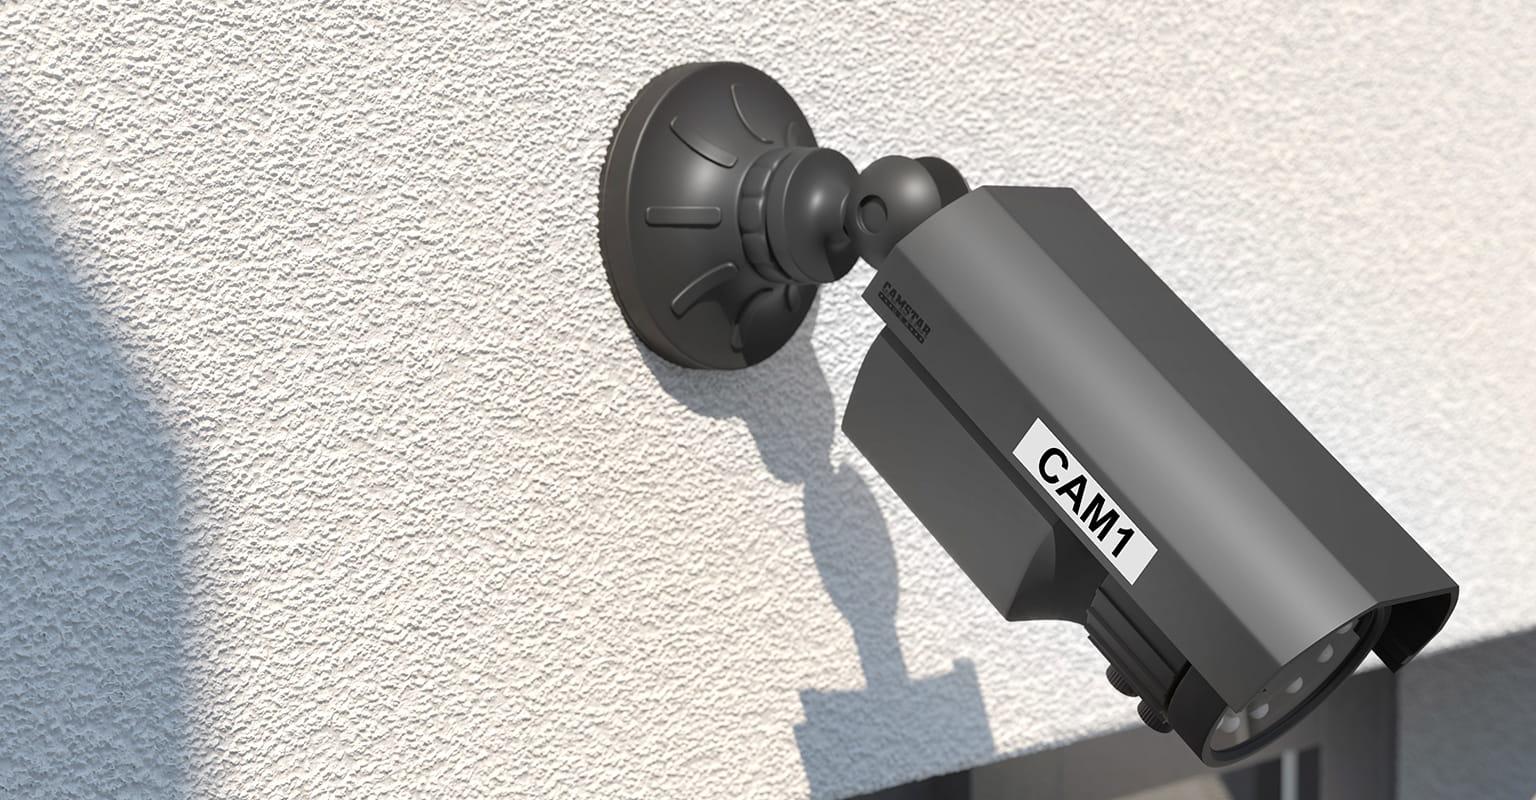 CTV sigurnosna kamera identificirana s Brother P-touch postojanom naljepnicom